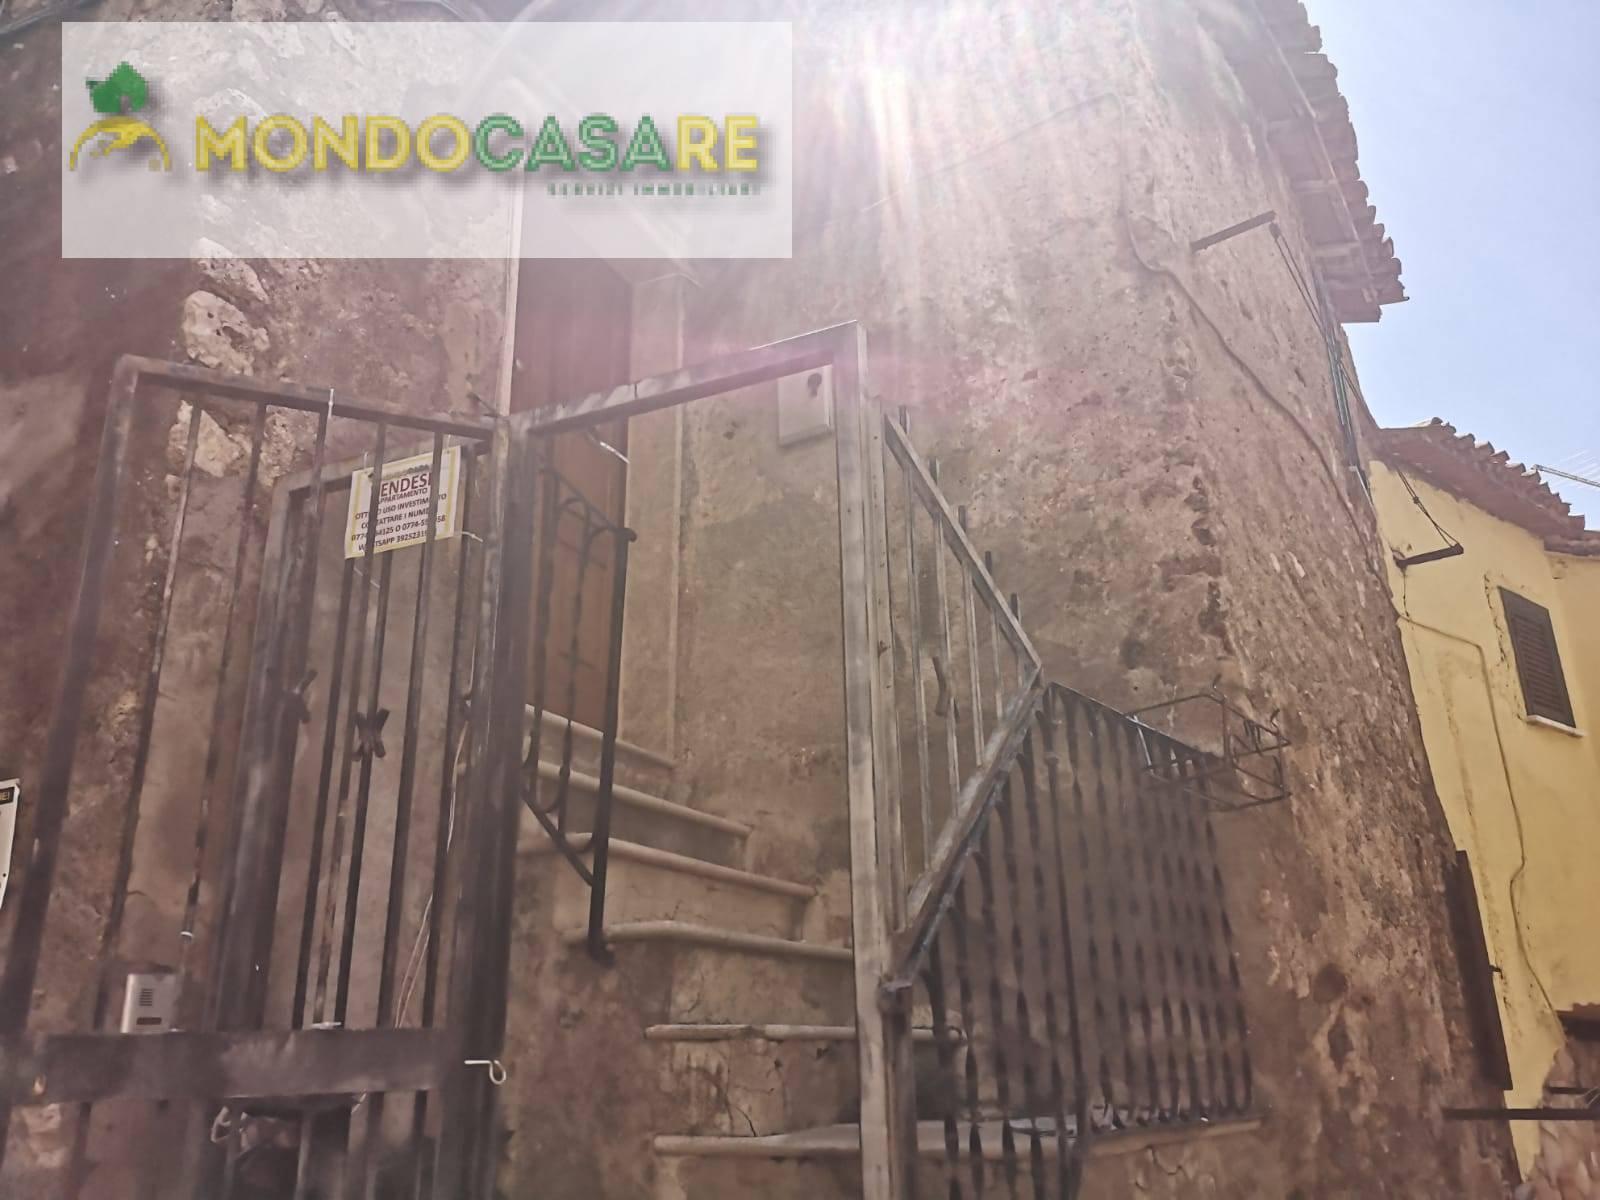 Appartamento in vendita a Palombara Sabina, 3 locali, zona Località: ZonaAPalombaraSabina, prezzo € 23.000 | CambioCasa.it